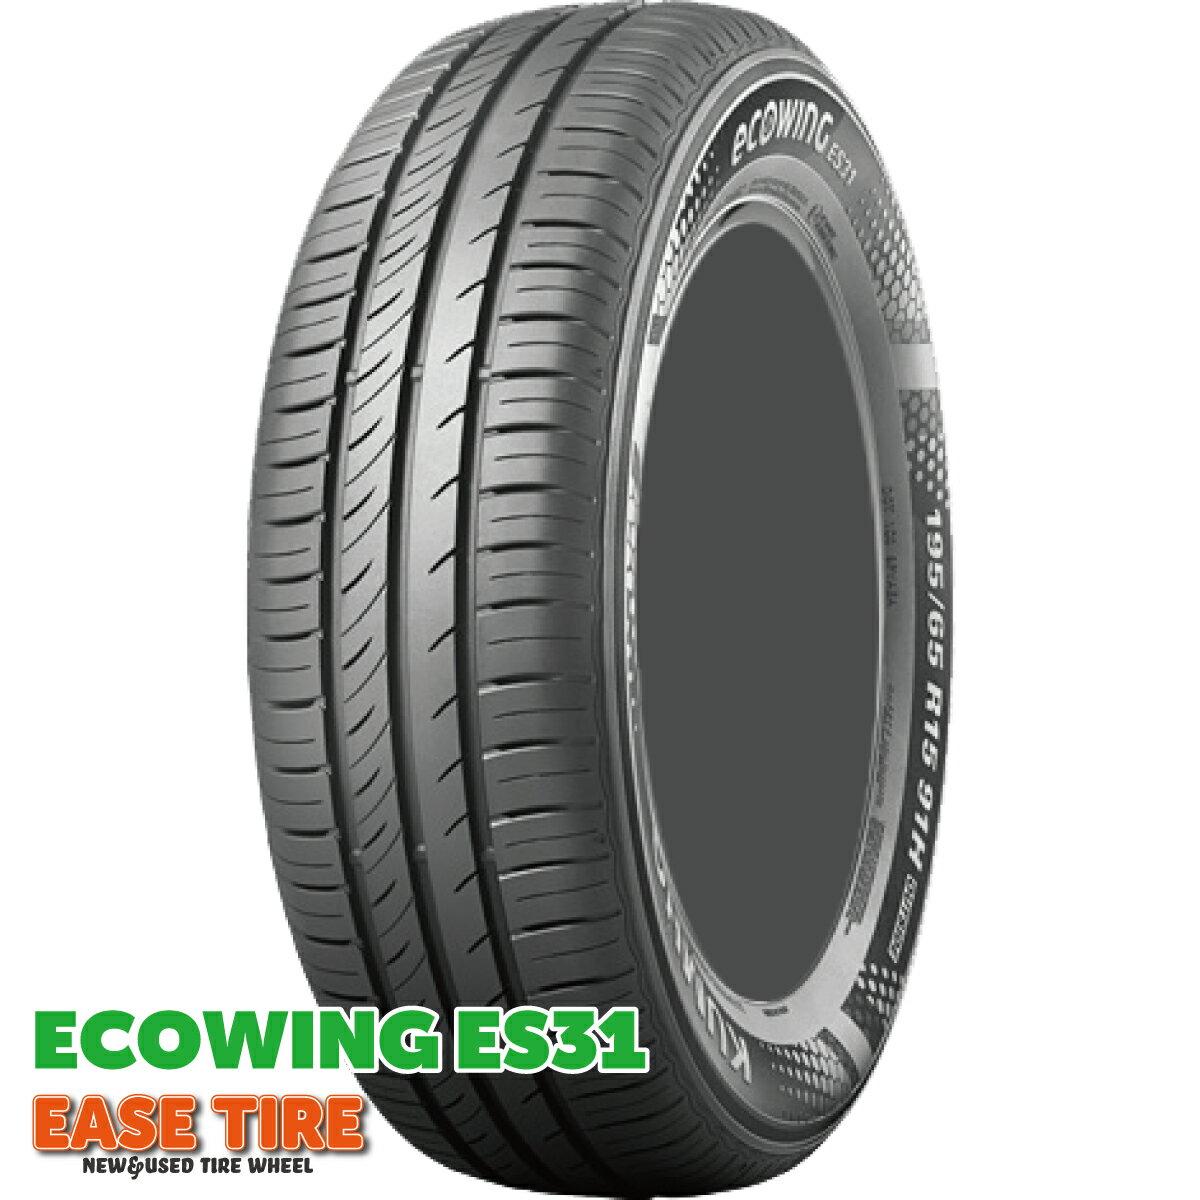 タイヤ・ホイール, サマータイヤ 17565R14 KUMHO ECOWING ES31 1 4